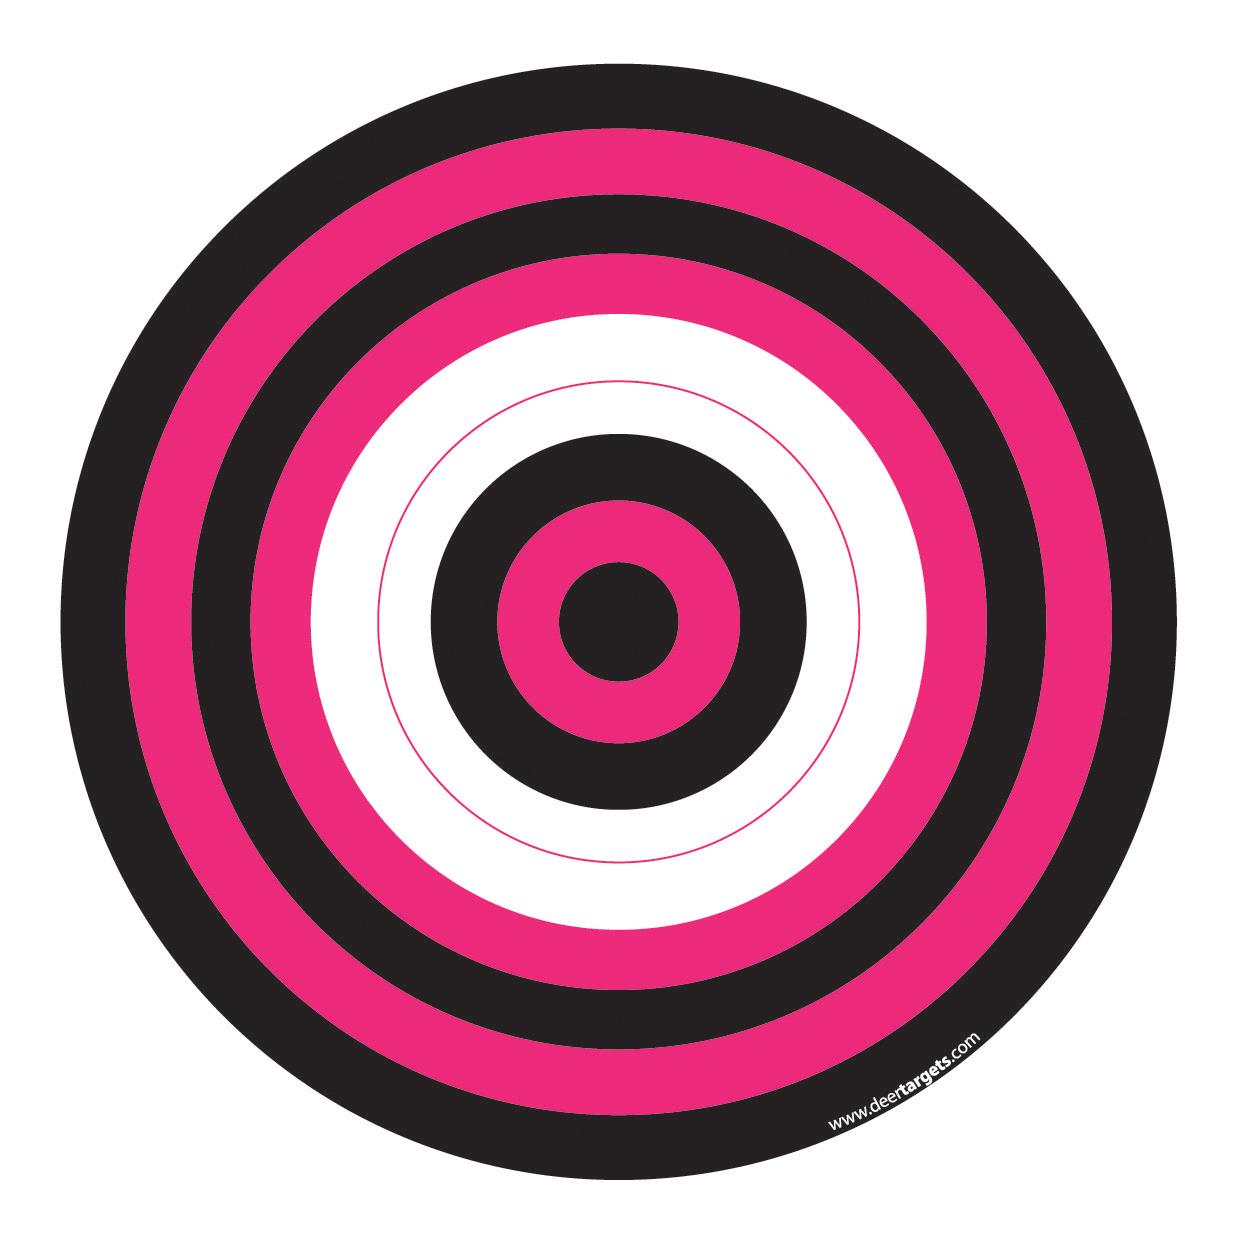 Funny Printable Targets Targets · free printable